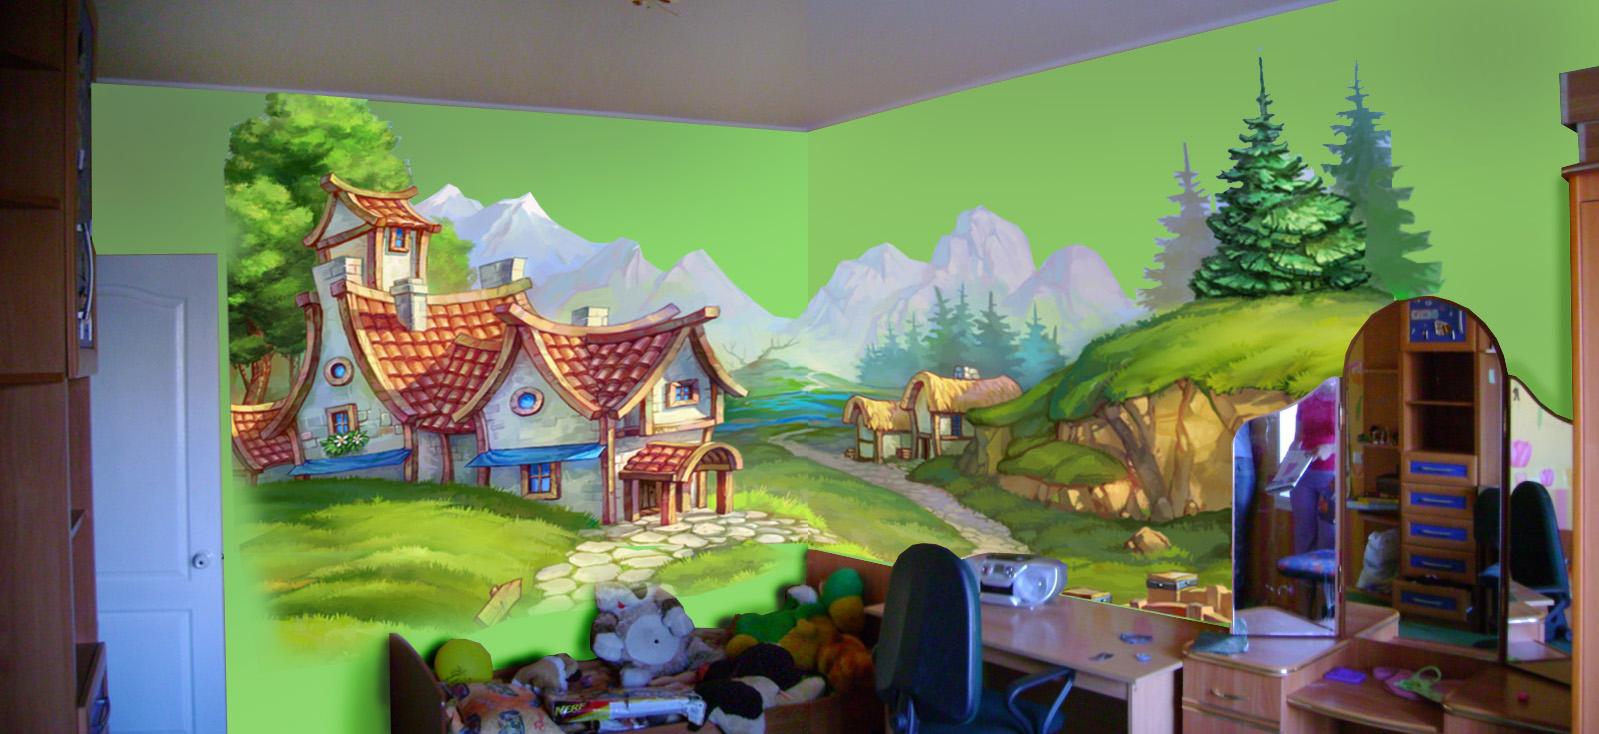 Роспись стены для детской комнаты